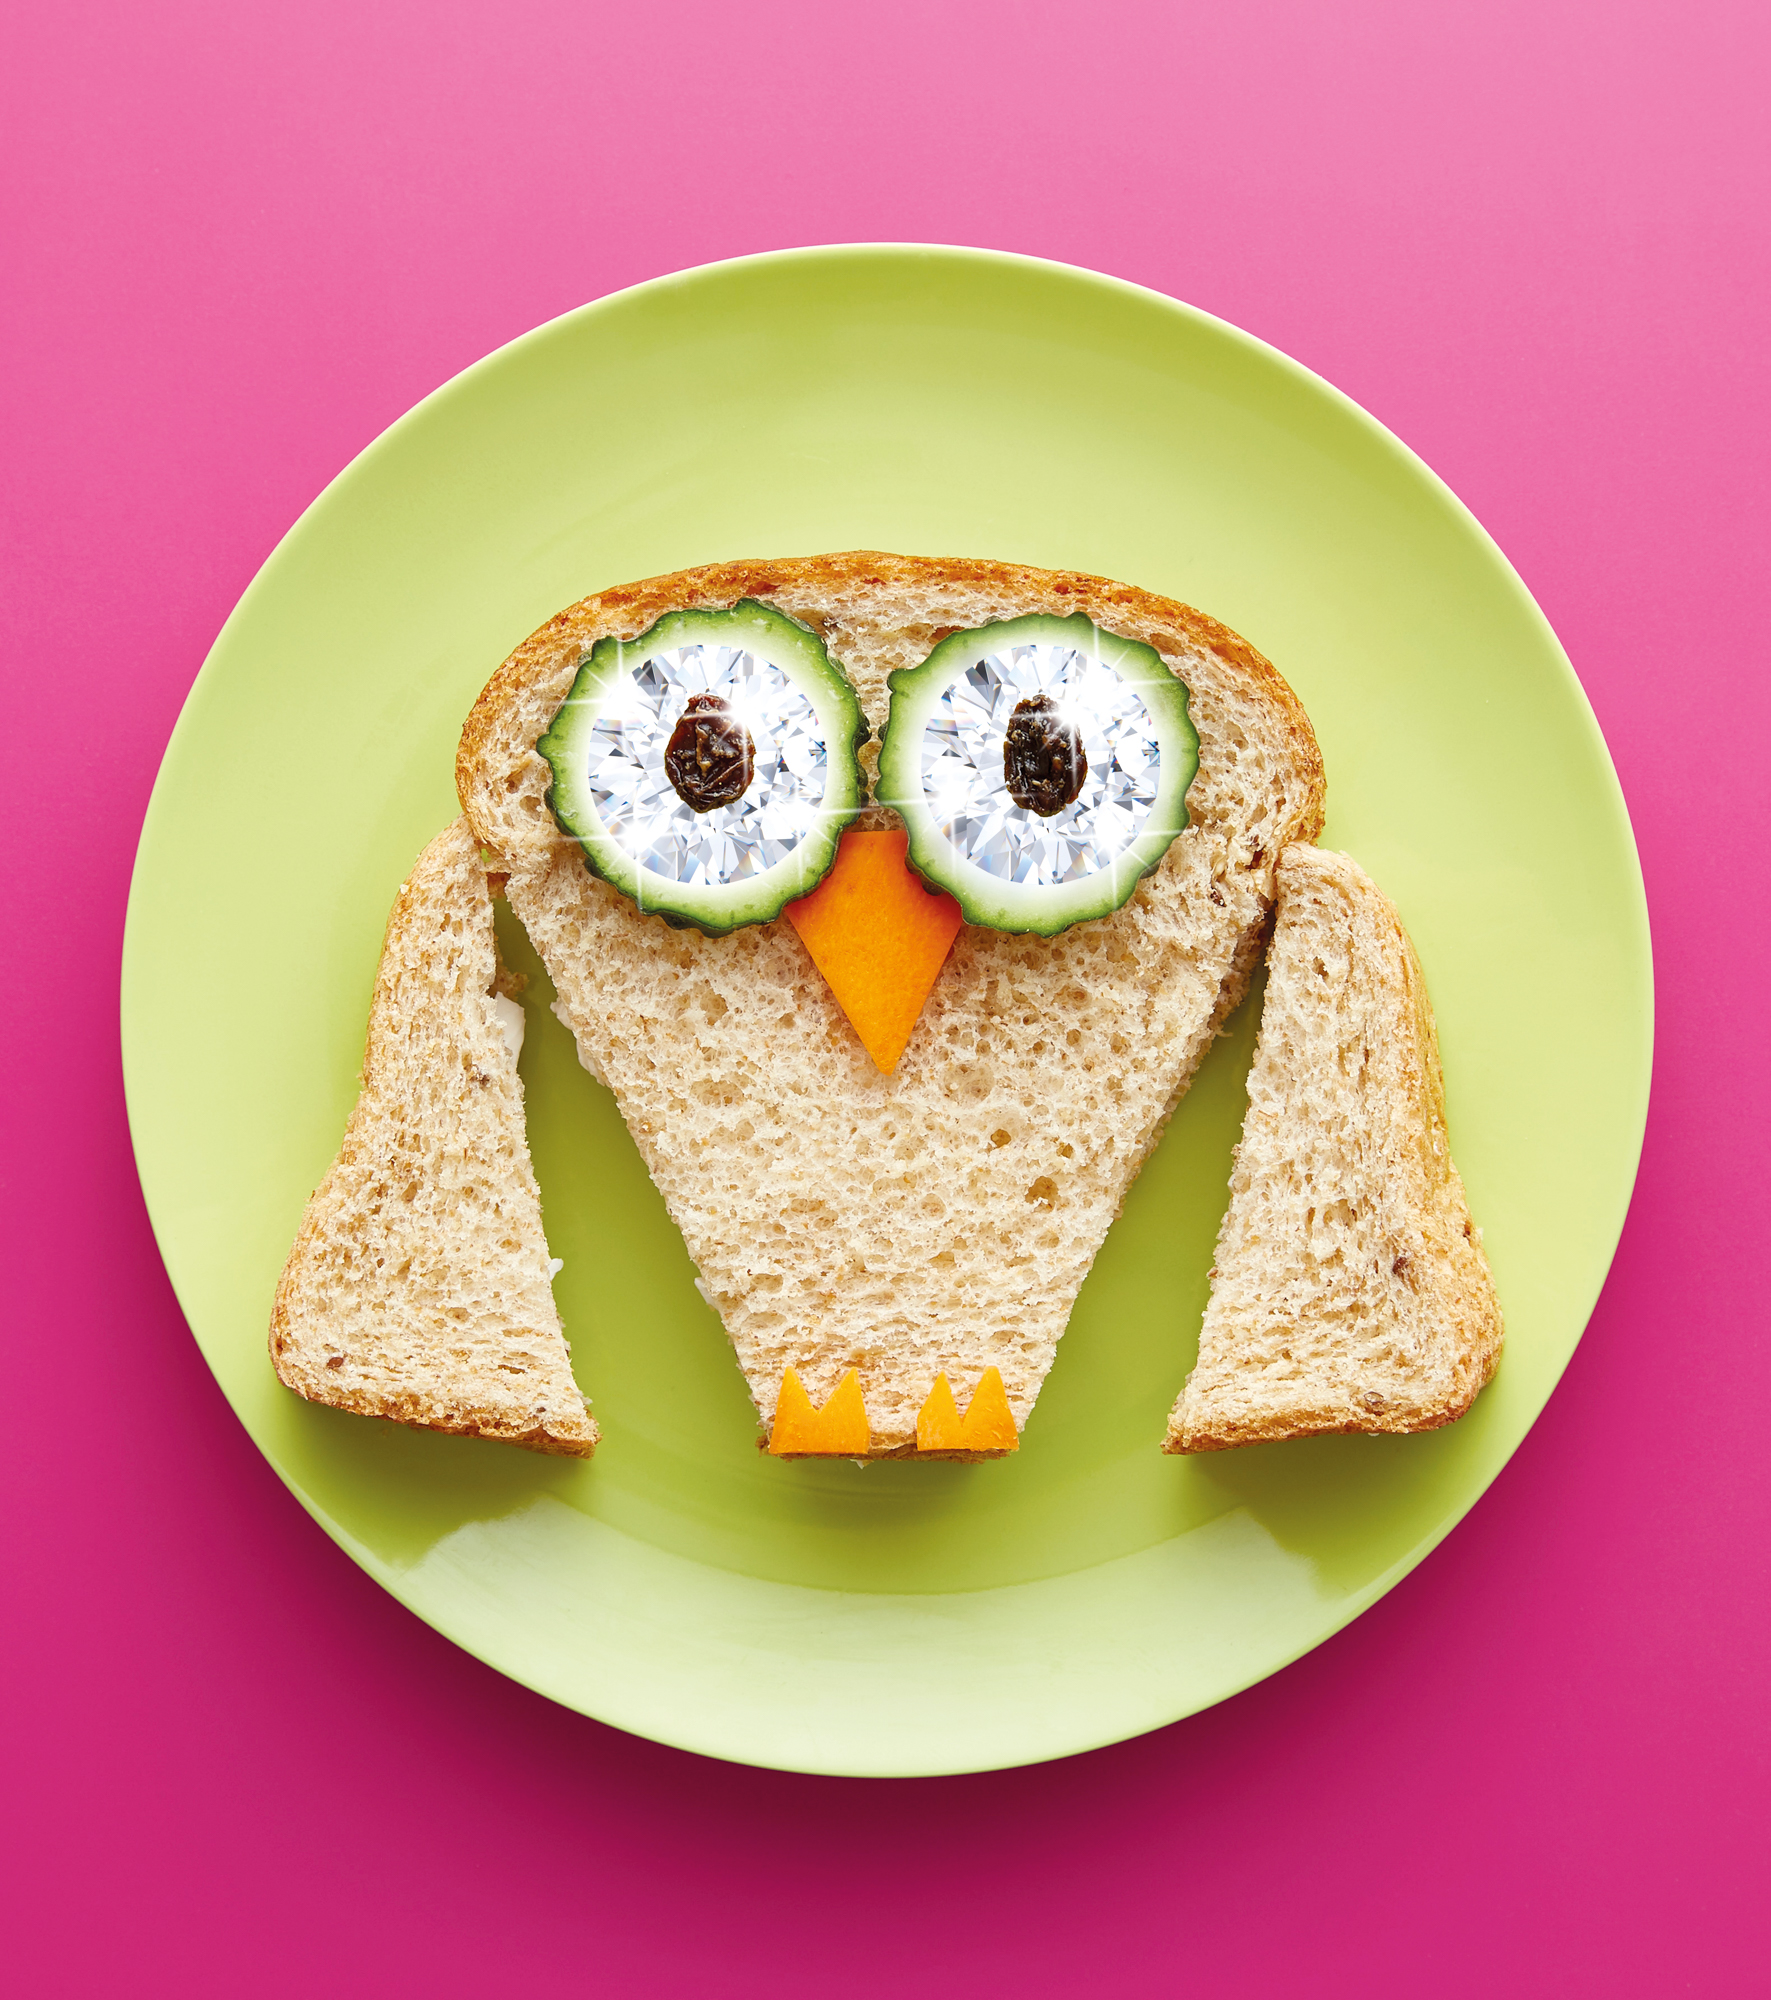 Owl on toast